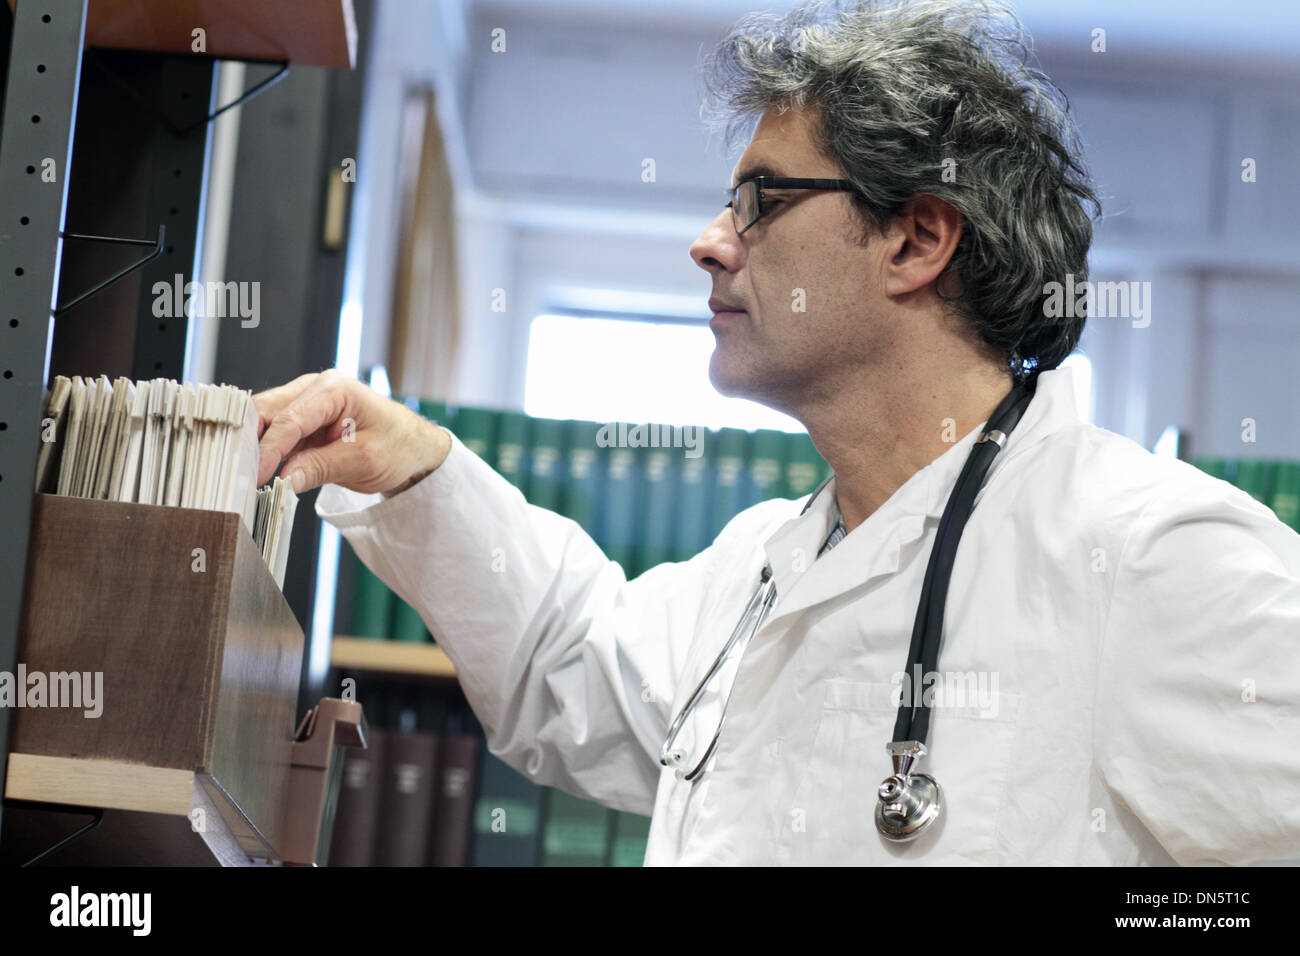 Un médecin homme moyen caucasian personne est debout dans une bibliothèque Photo Stock